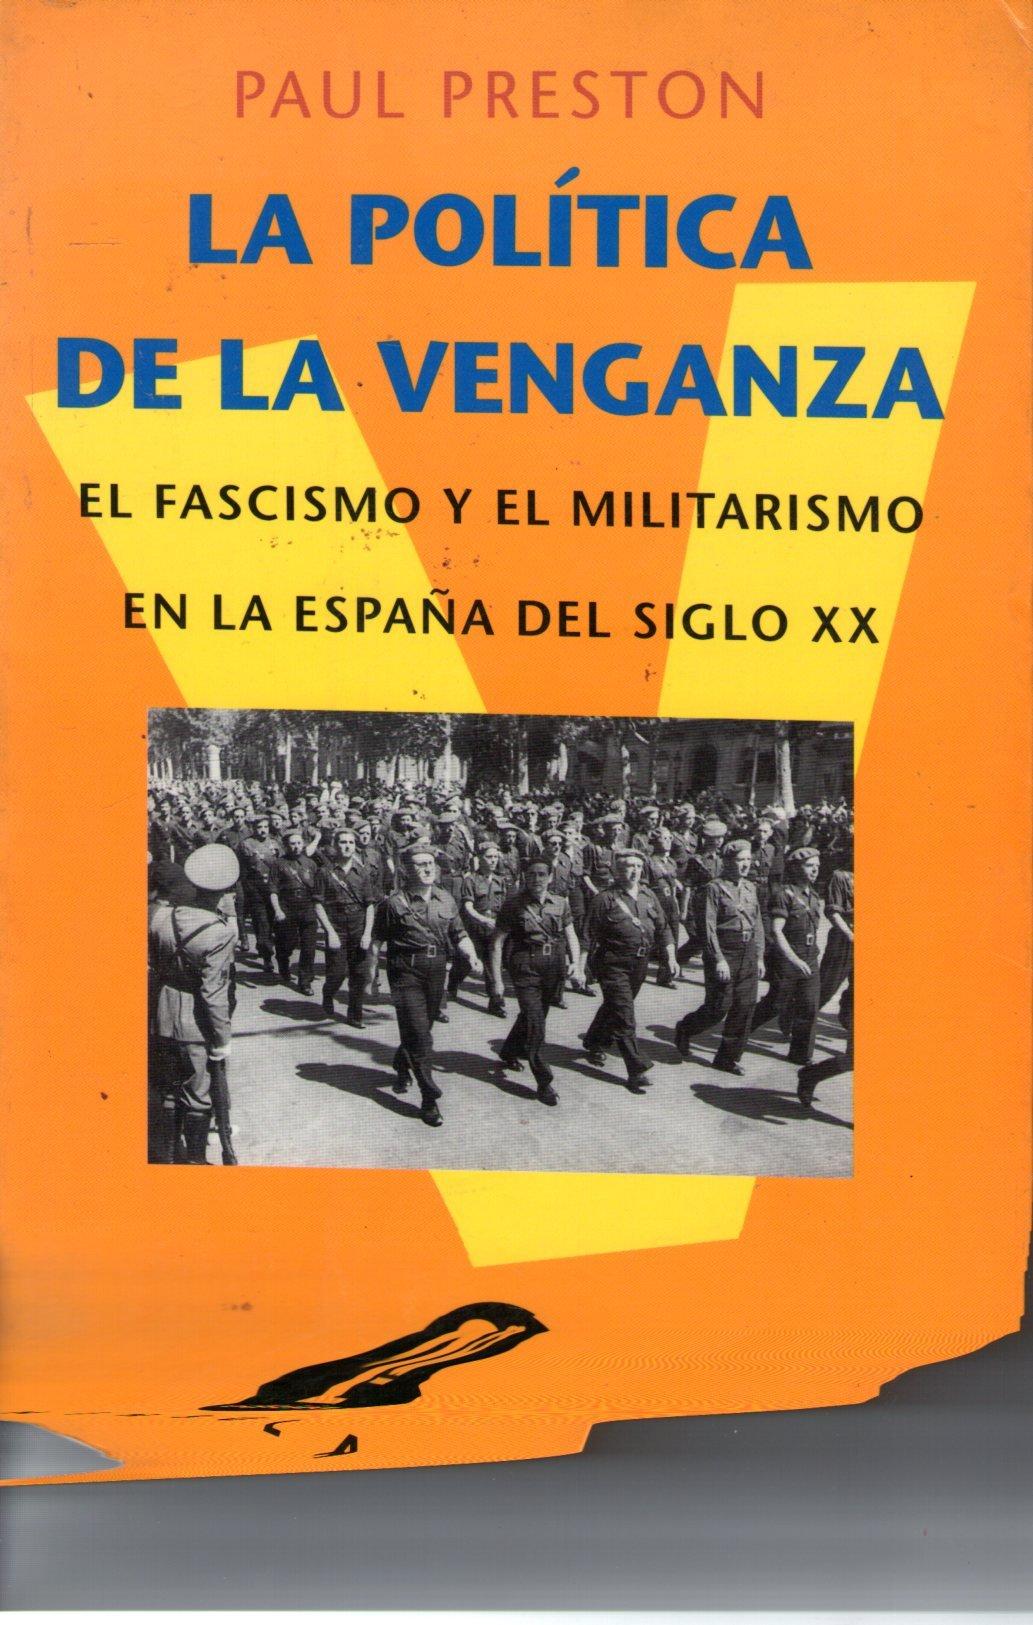 La política de la venganza: El franquismo y el militarismo en España HISTORIA, CIENCIA Y SOCIEDAD: Amazon.es: Preston, Paul, CARLOS MANZANO DE FRUTOS,: Libros